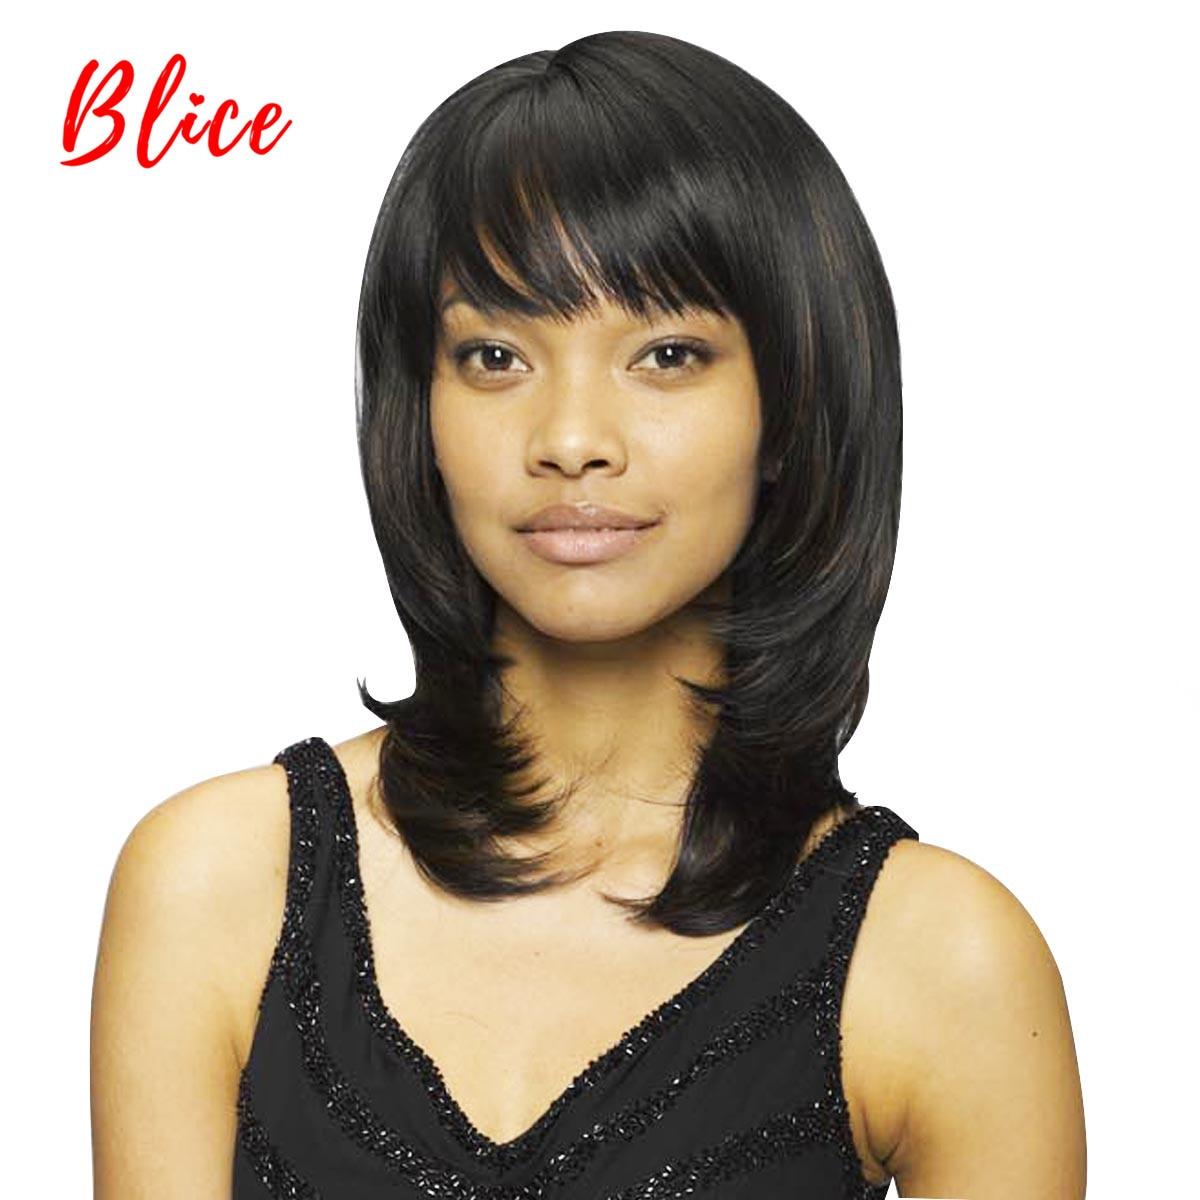 Синтетические парики Blice для женщин, средний 10 дюймовый натуральный волнистый парик, чистый черный цвет, 1 #, термостойкий с верхним верхом и правой стороны|Синтетические парики без сеточки| | АлиЭкспресс